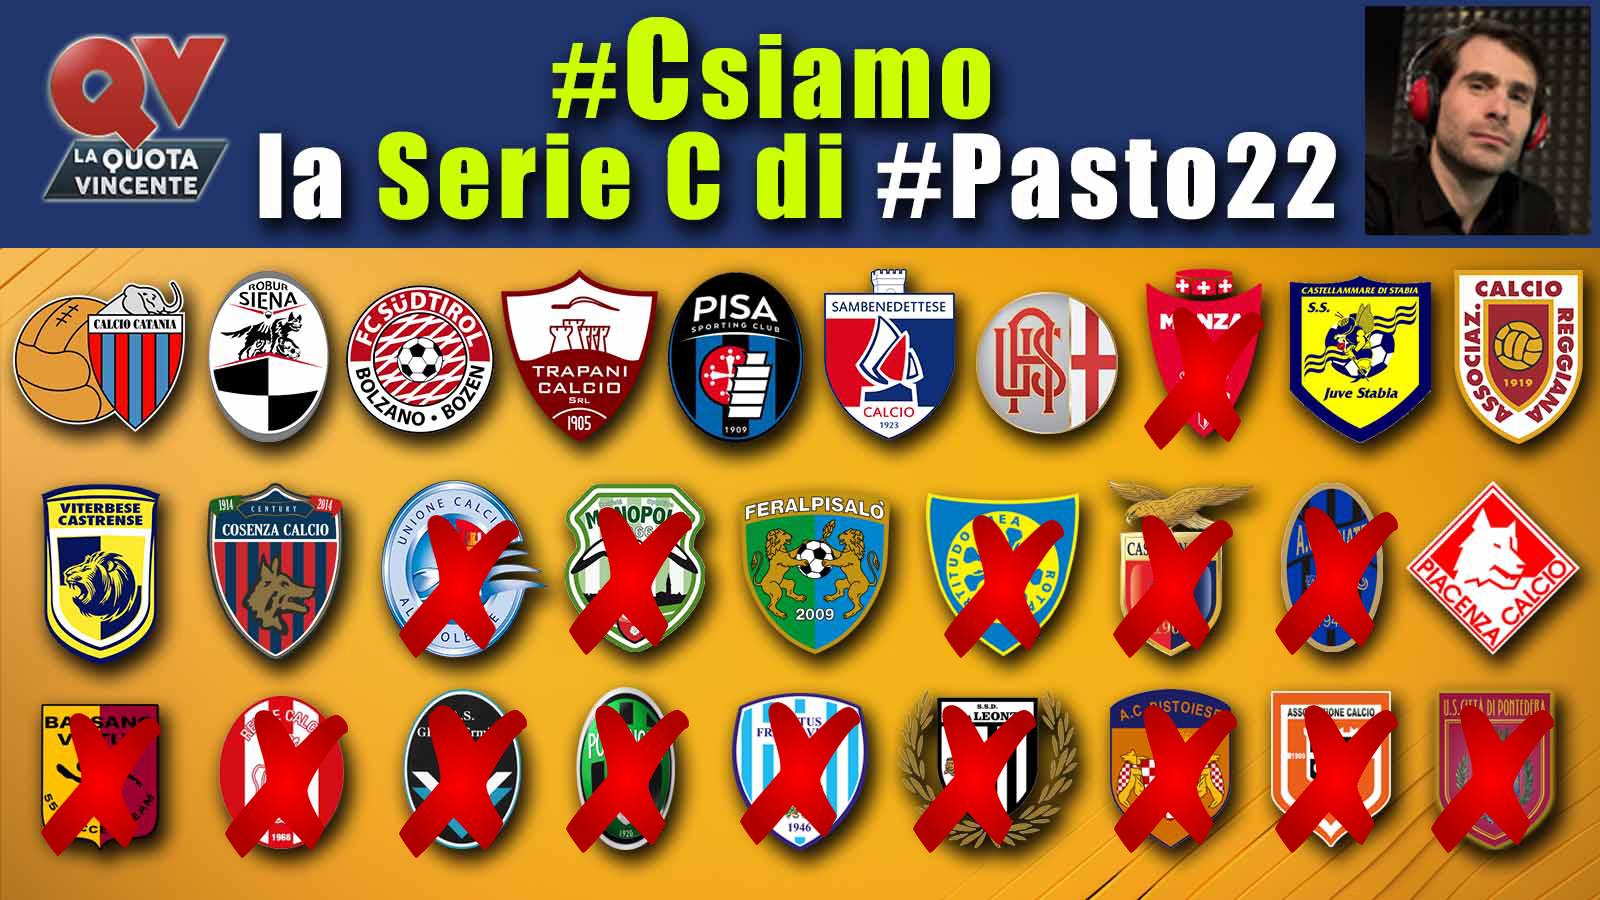 Pronostici Serie C 23 maggio: #Csiamo, il blog di #Pasto22 speciale playoff